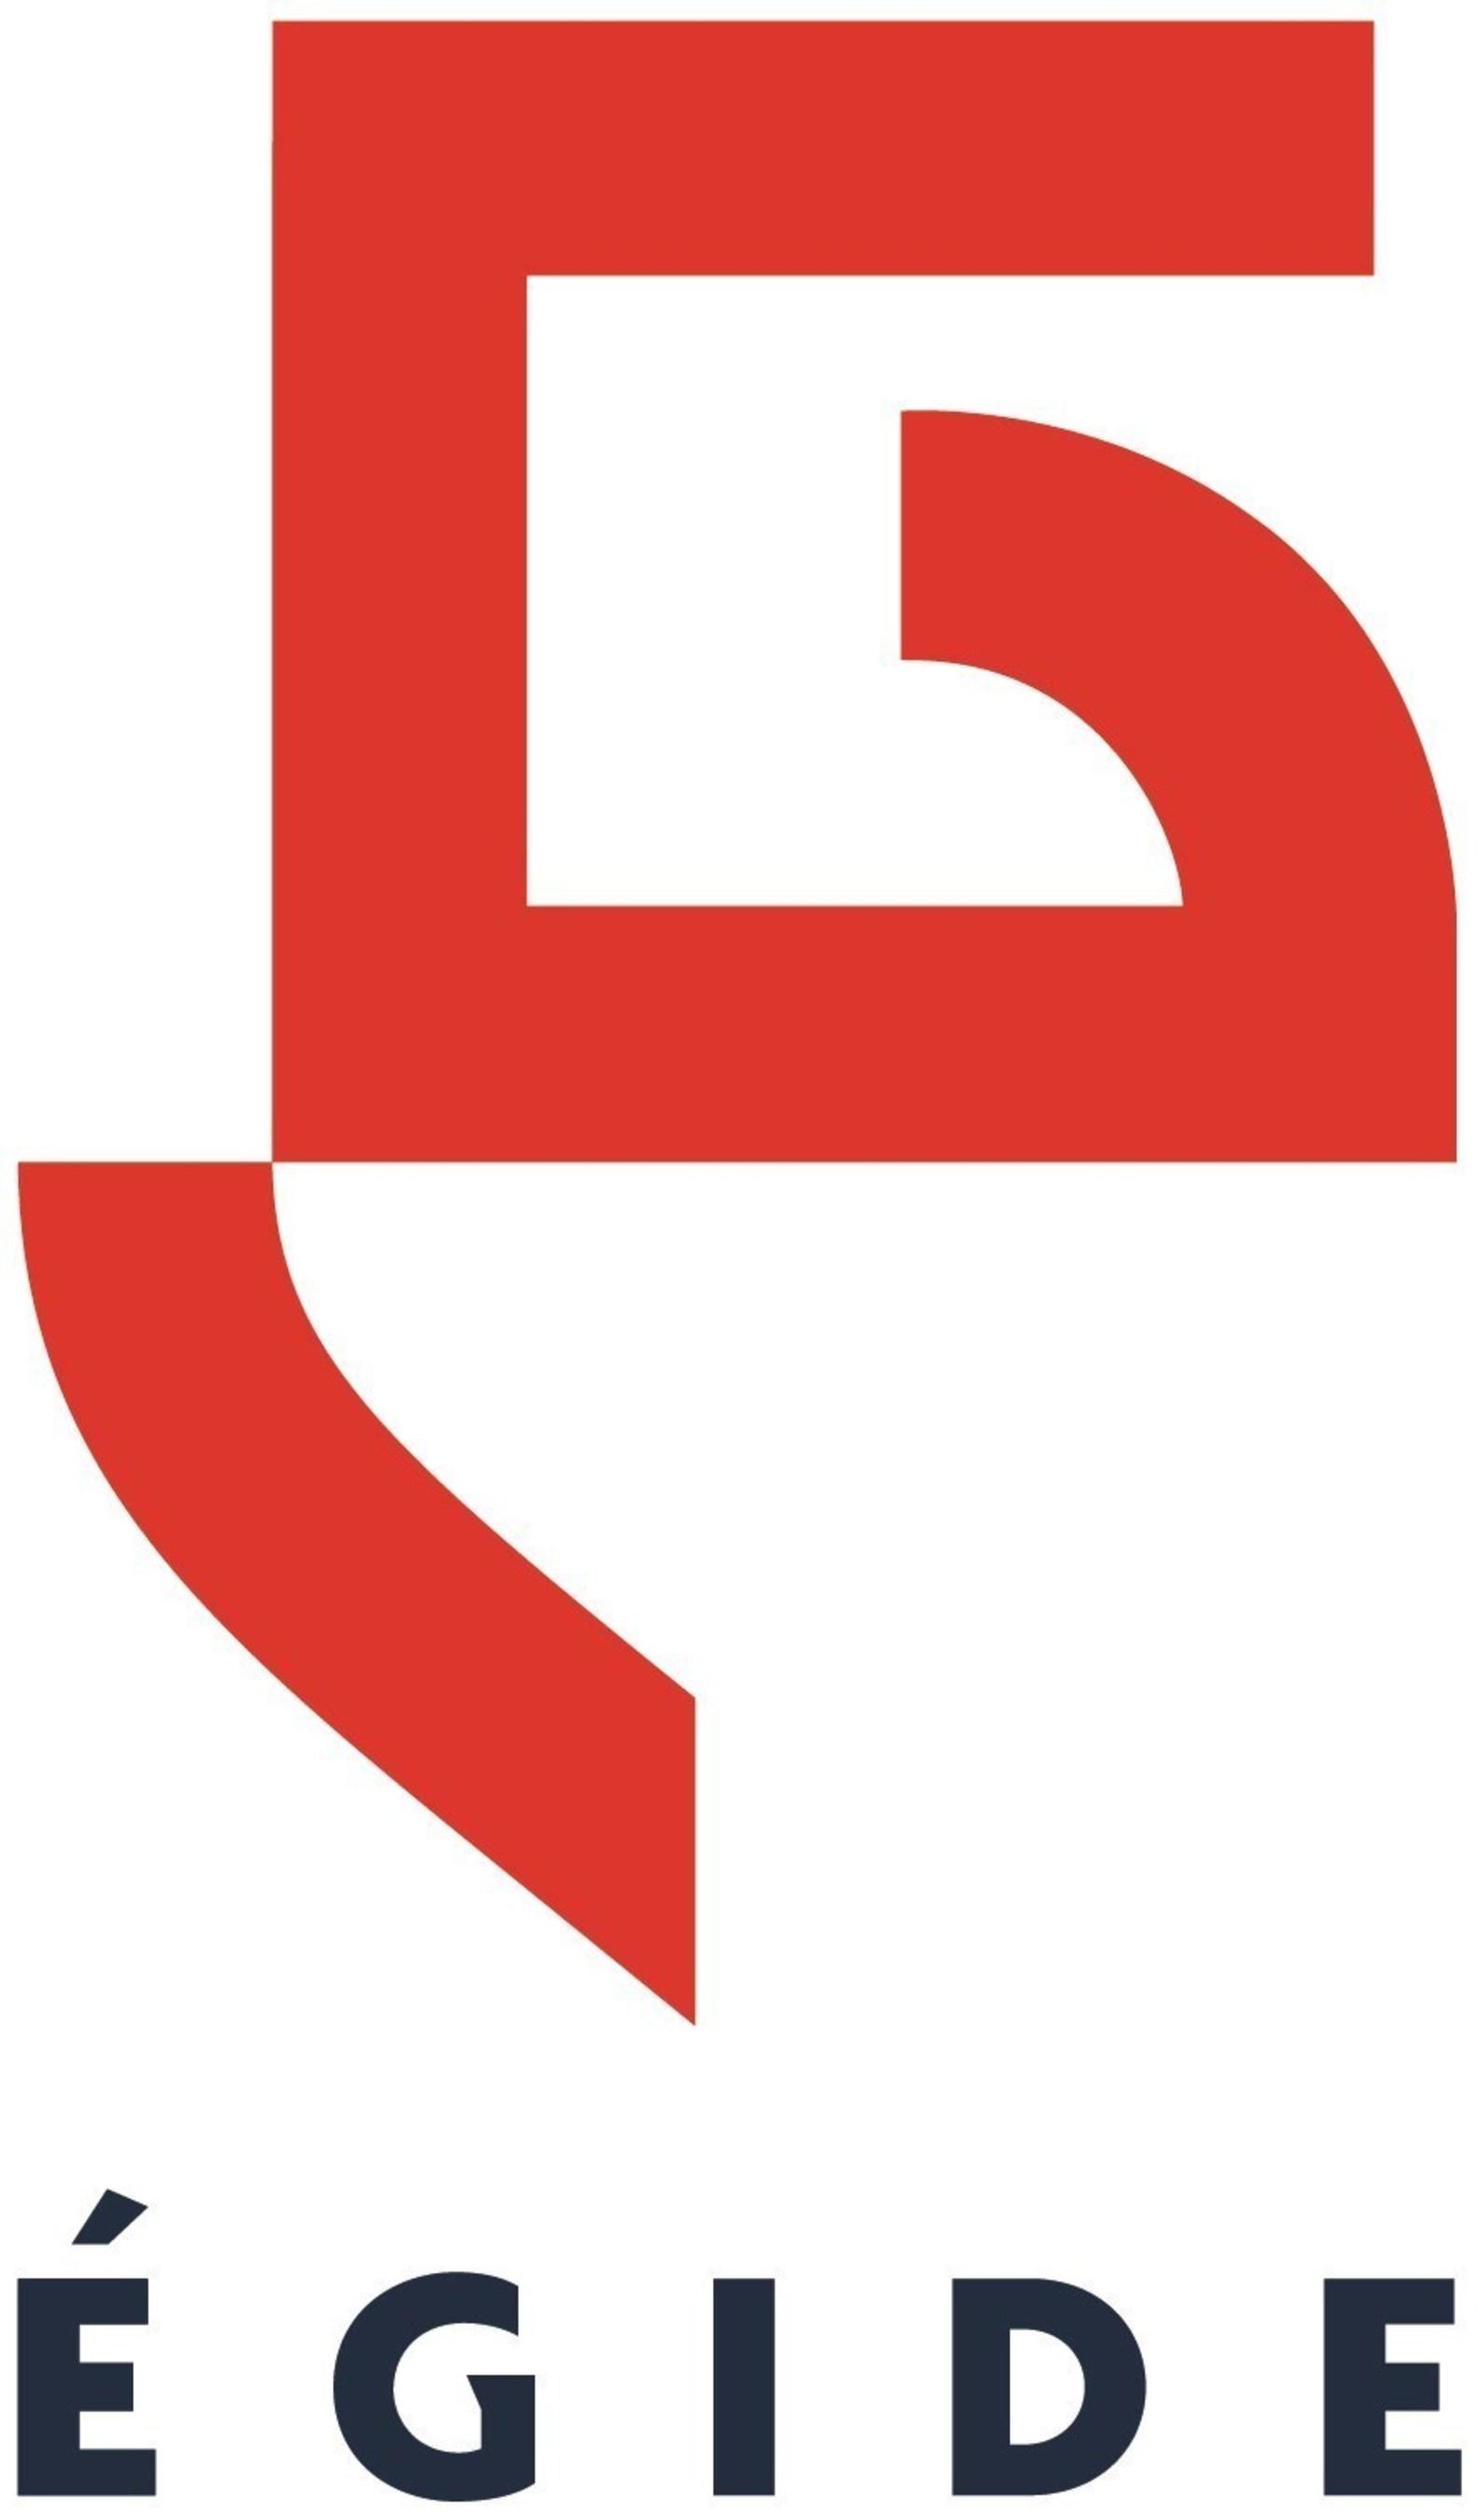 EGIDE corporate logo